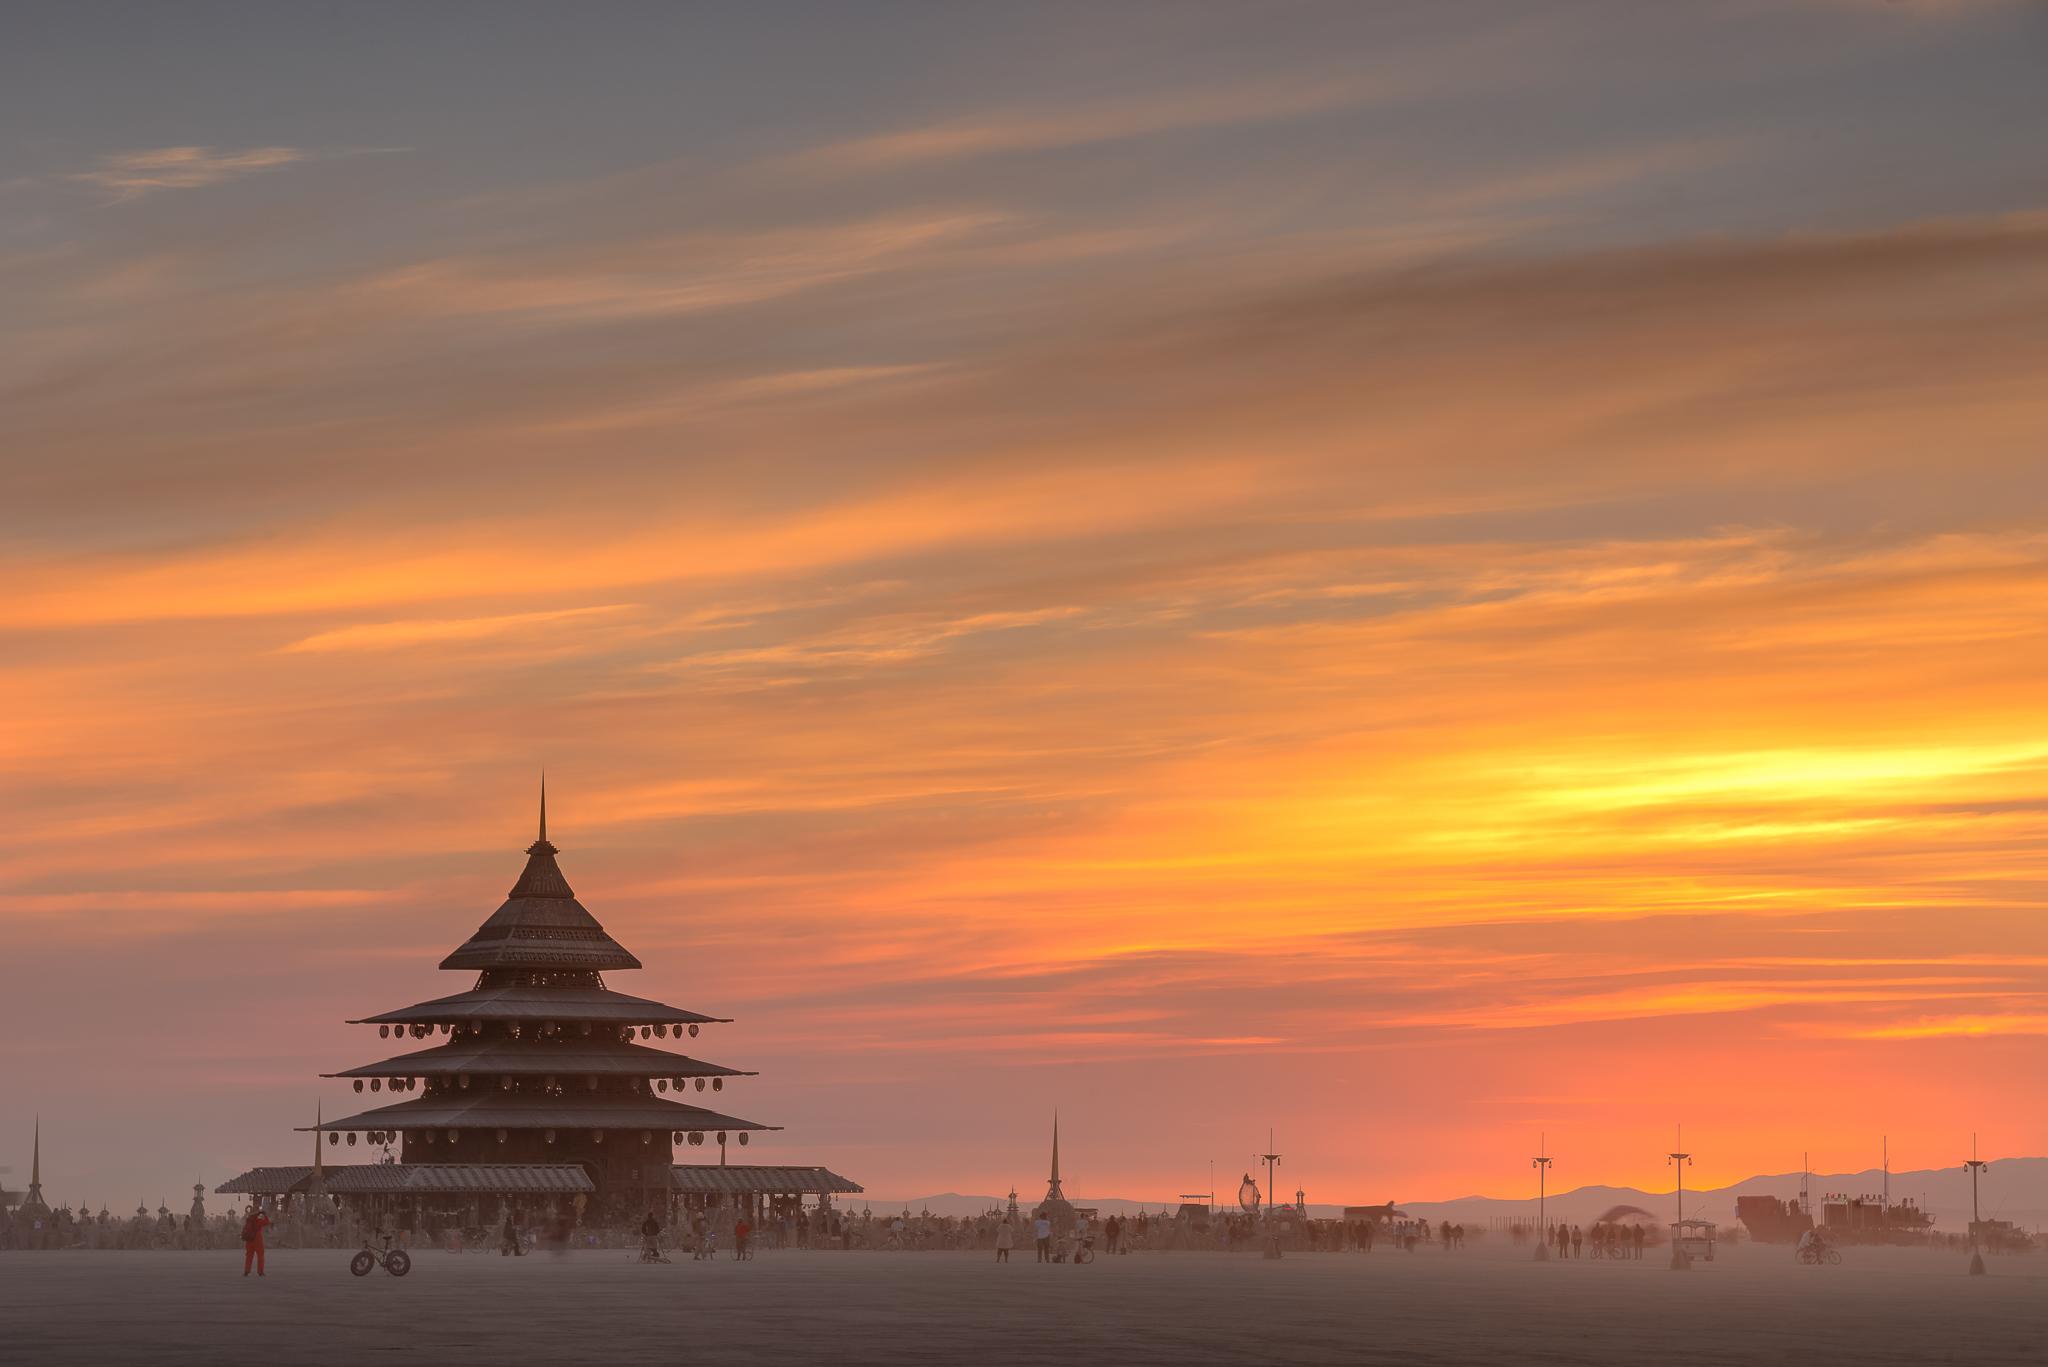 burning_man_2016_temple_friday_sunrise